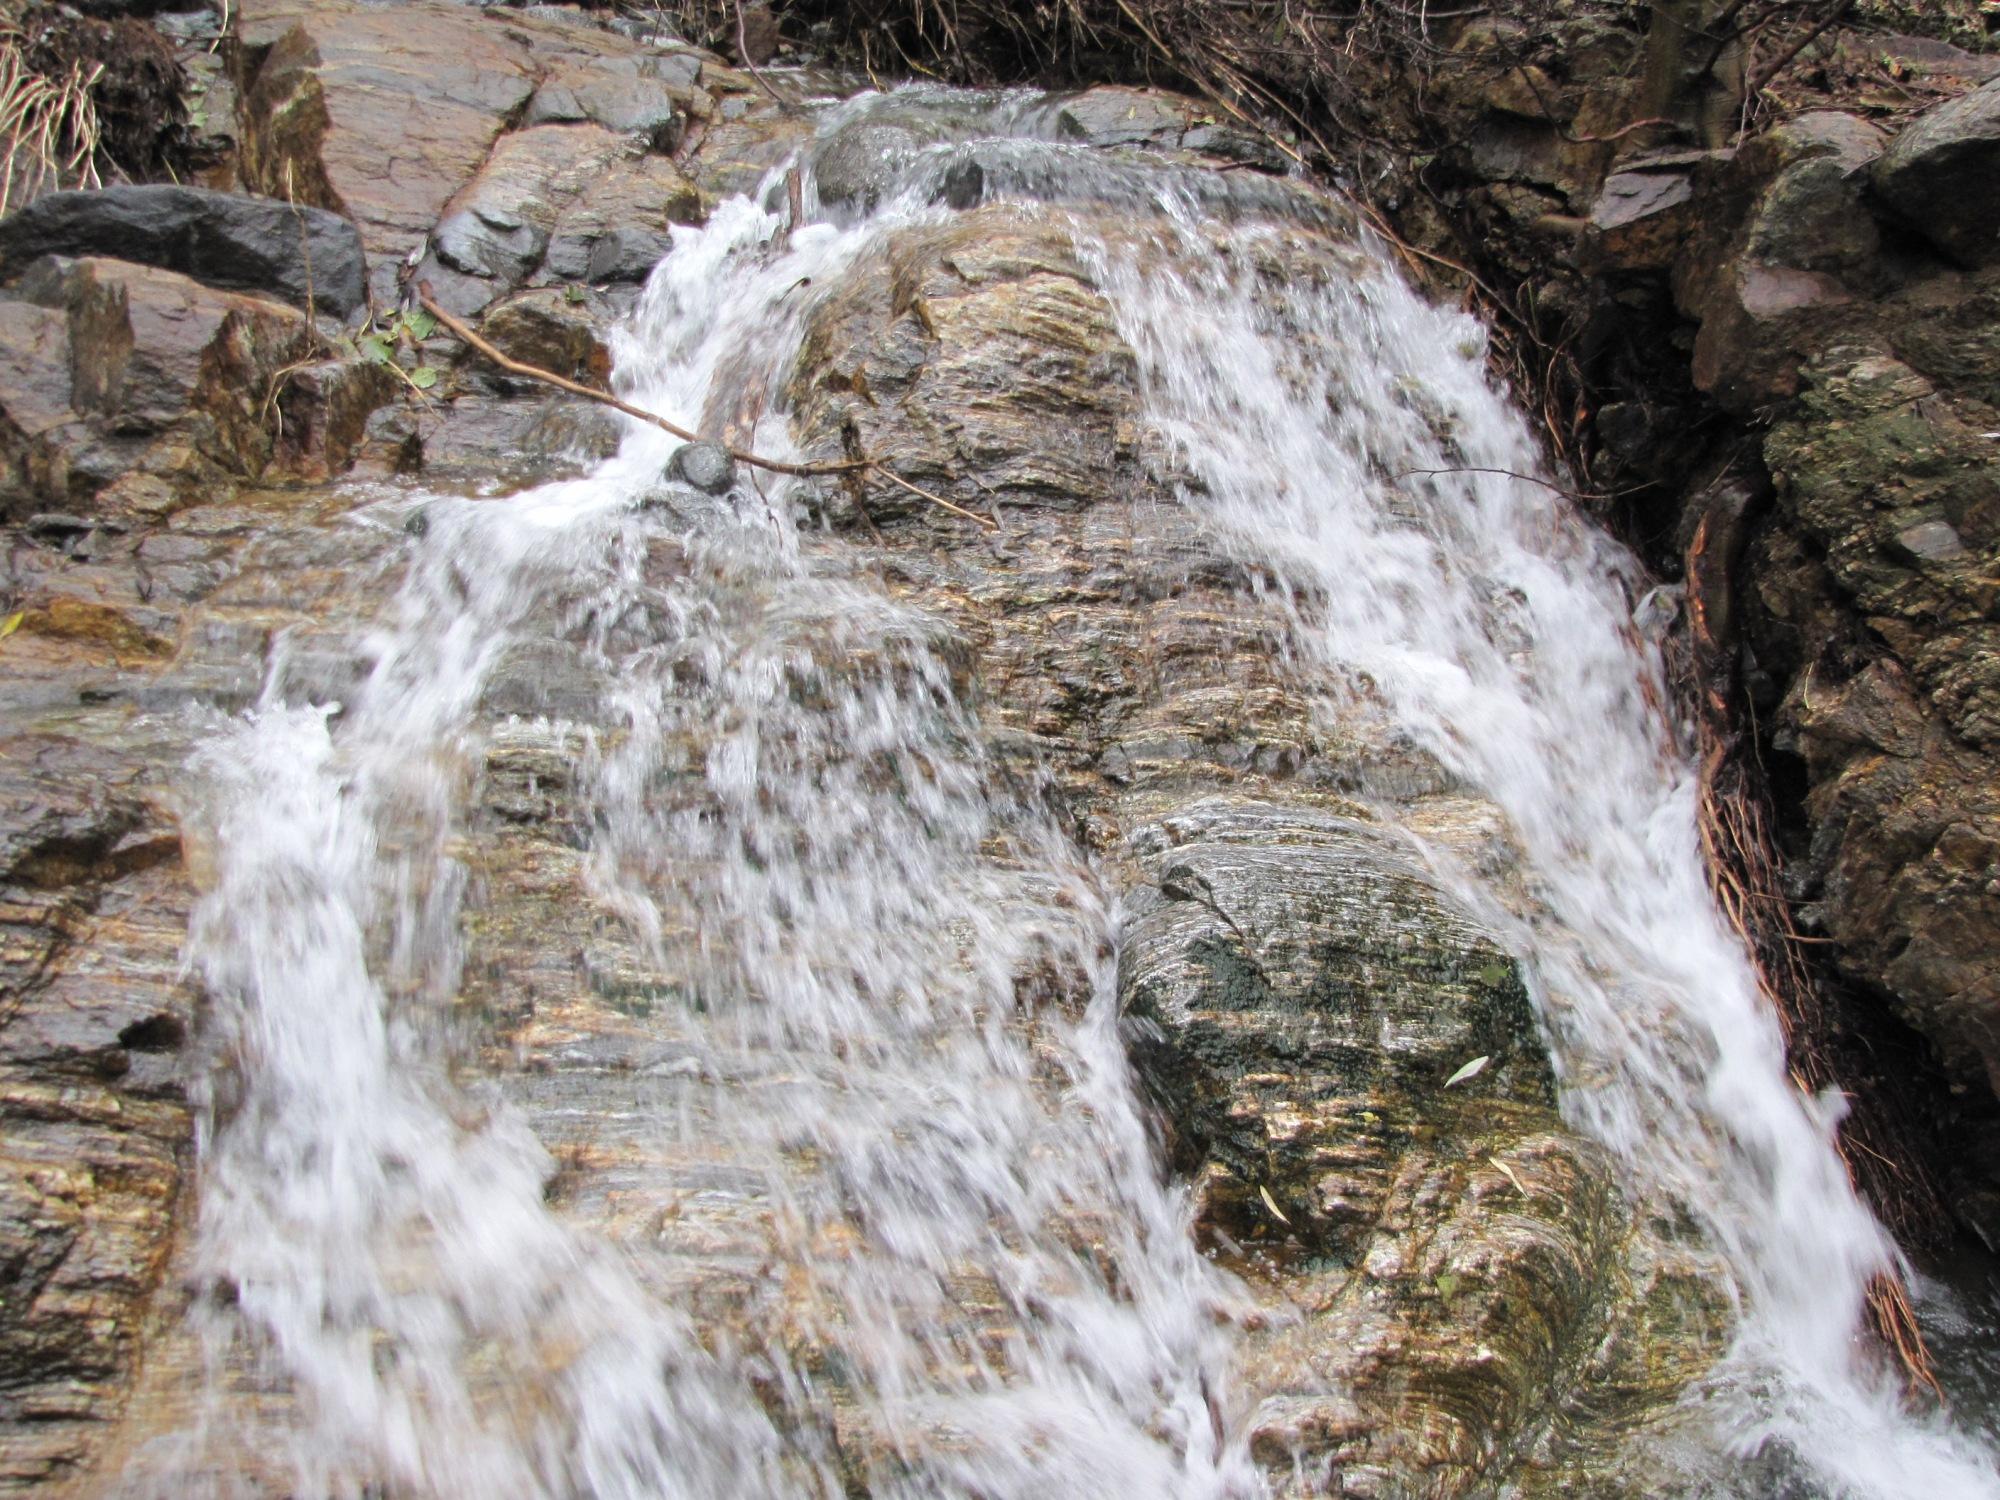 Etiwanda Falls, Rancho Cucamonga, CA